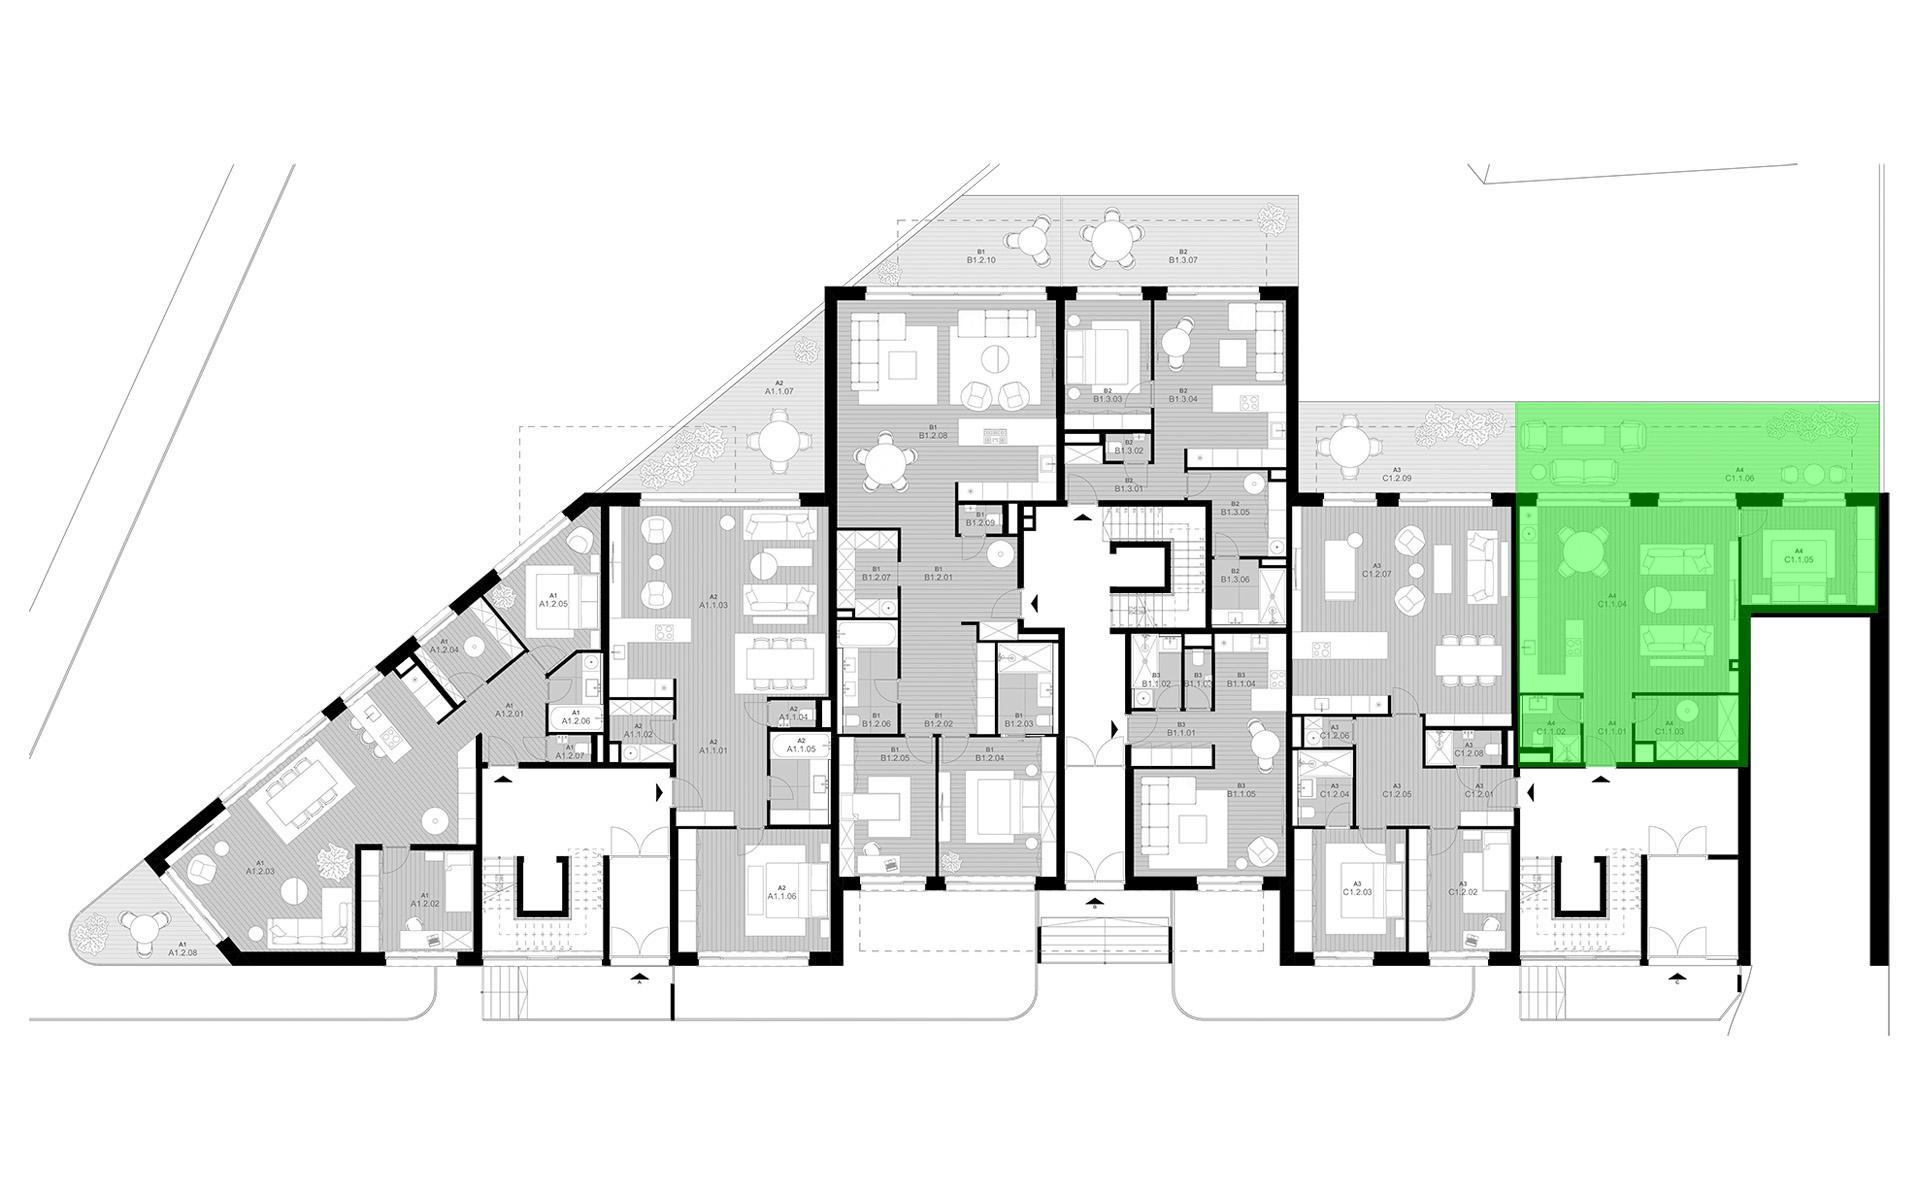 rezidencia K Železnej Studienke - pôdorys so zvýraznením apartmánu C1.1